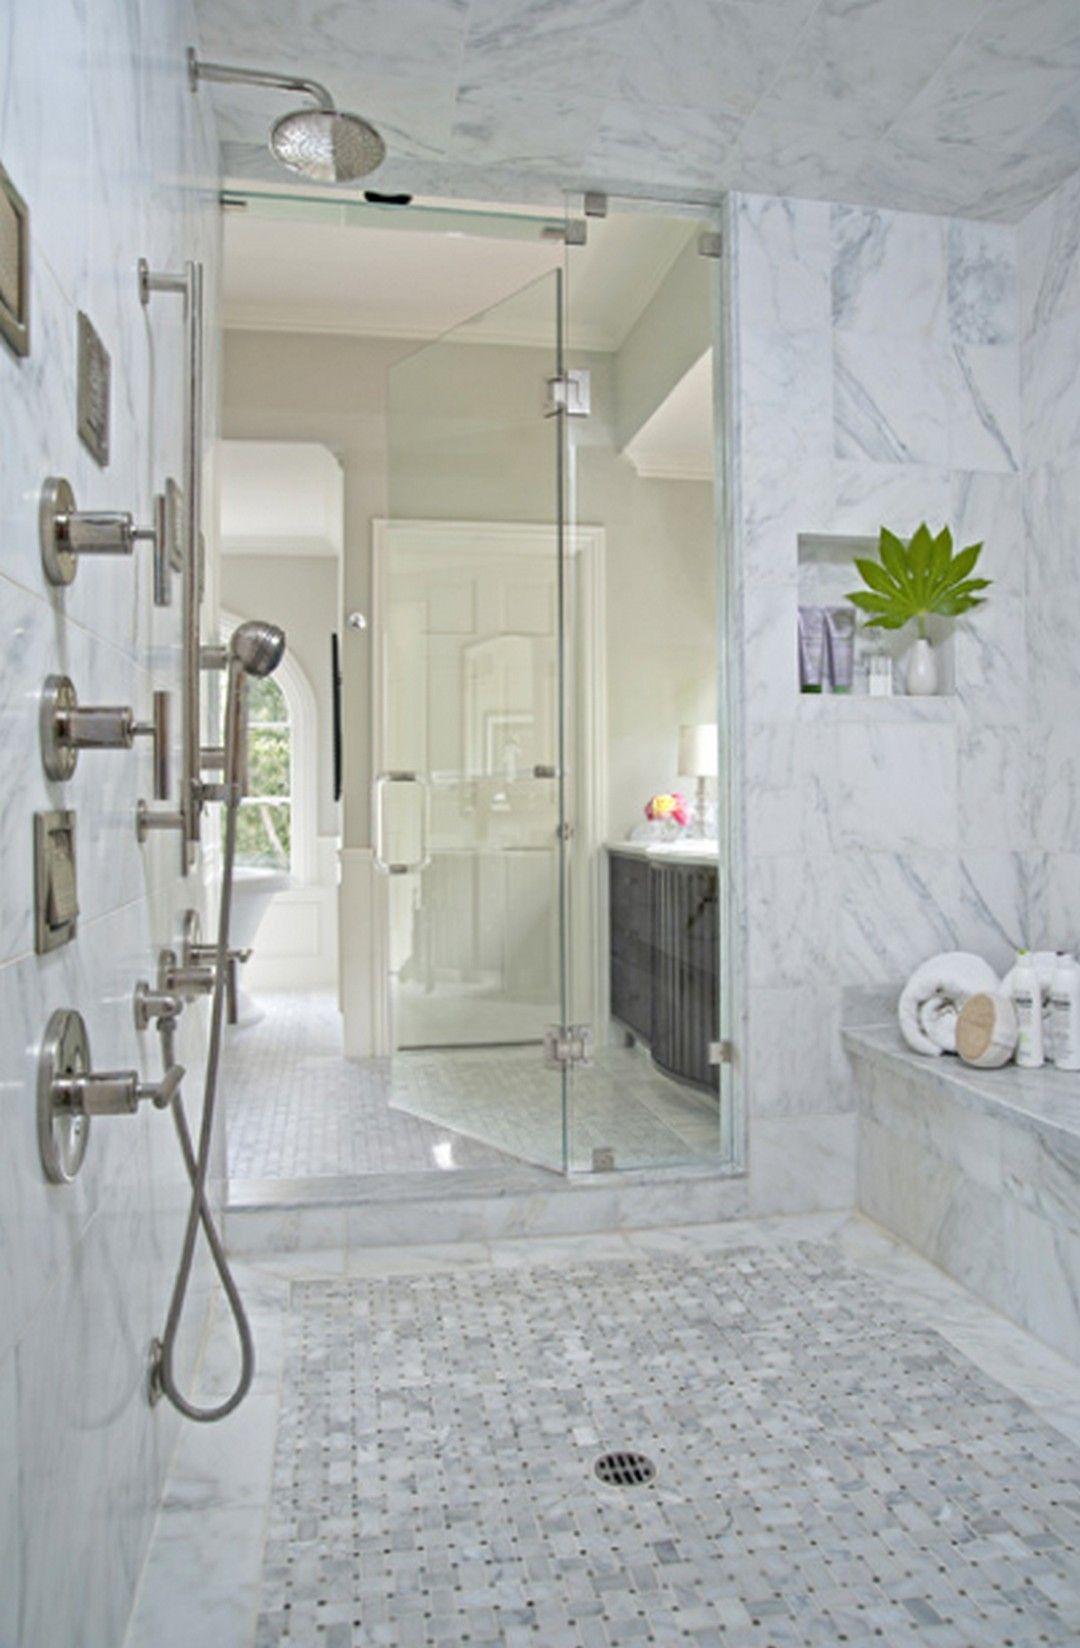 36 Master Badezimmer Deko Ideen Mit Marmor Stil Diy Kunst Badezimmer Innenausstattung Badezimmereinrichtung Bad Styling